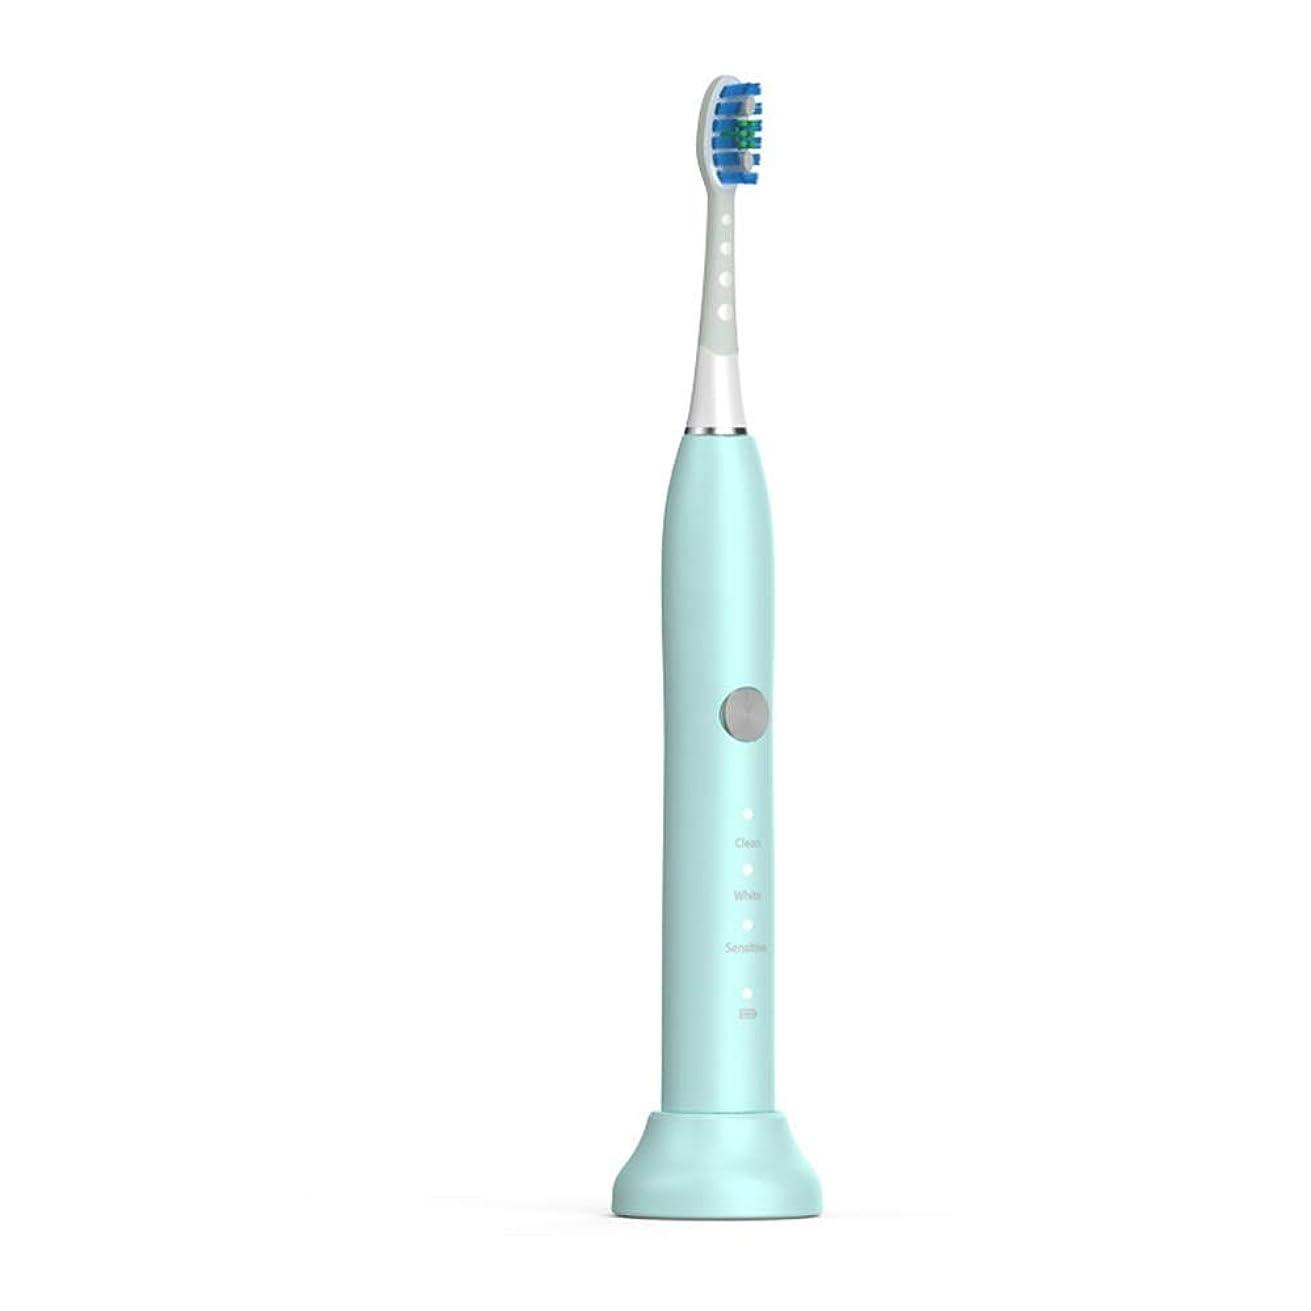 学者食品パーフェルビッド電動歯ブラシ USB充満基盤の歯科医が付いている大人の緑の電動歯ブラシは推薦しました (色 : 緑, サイズ : Free size)